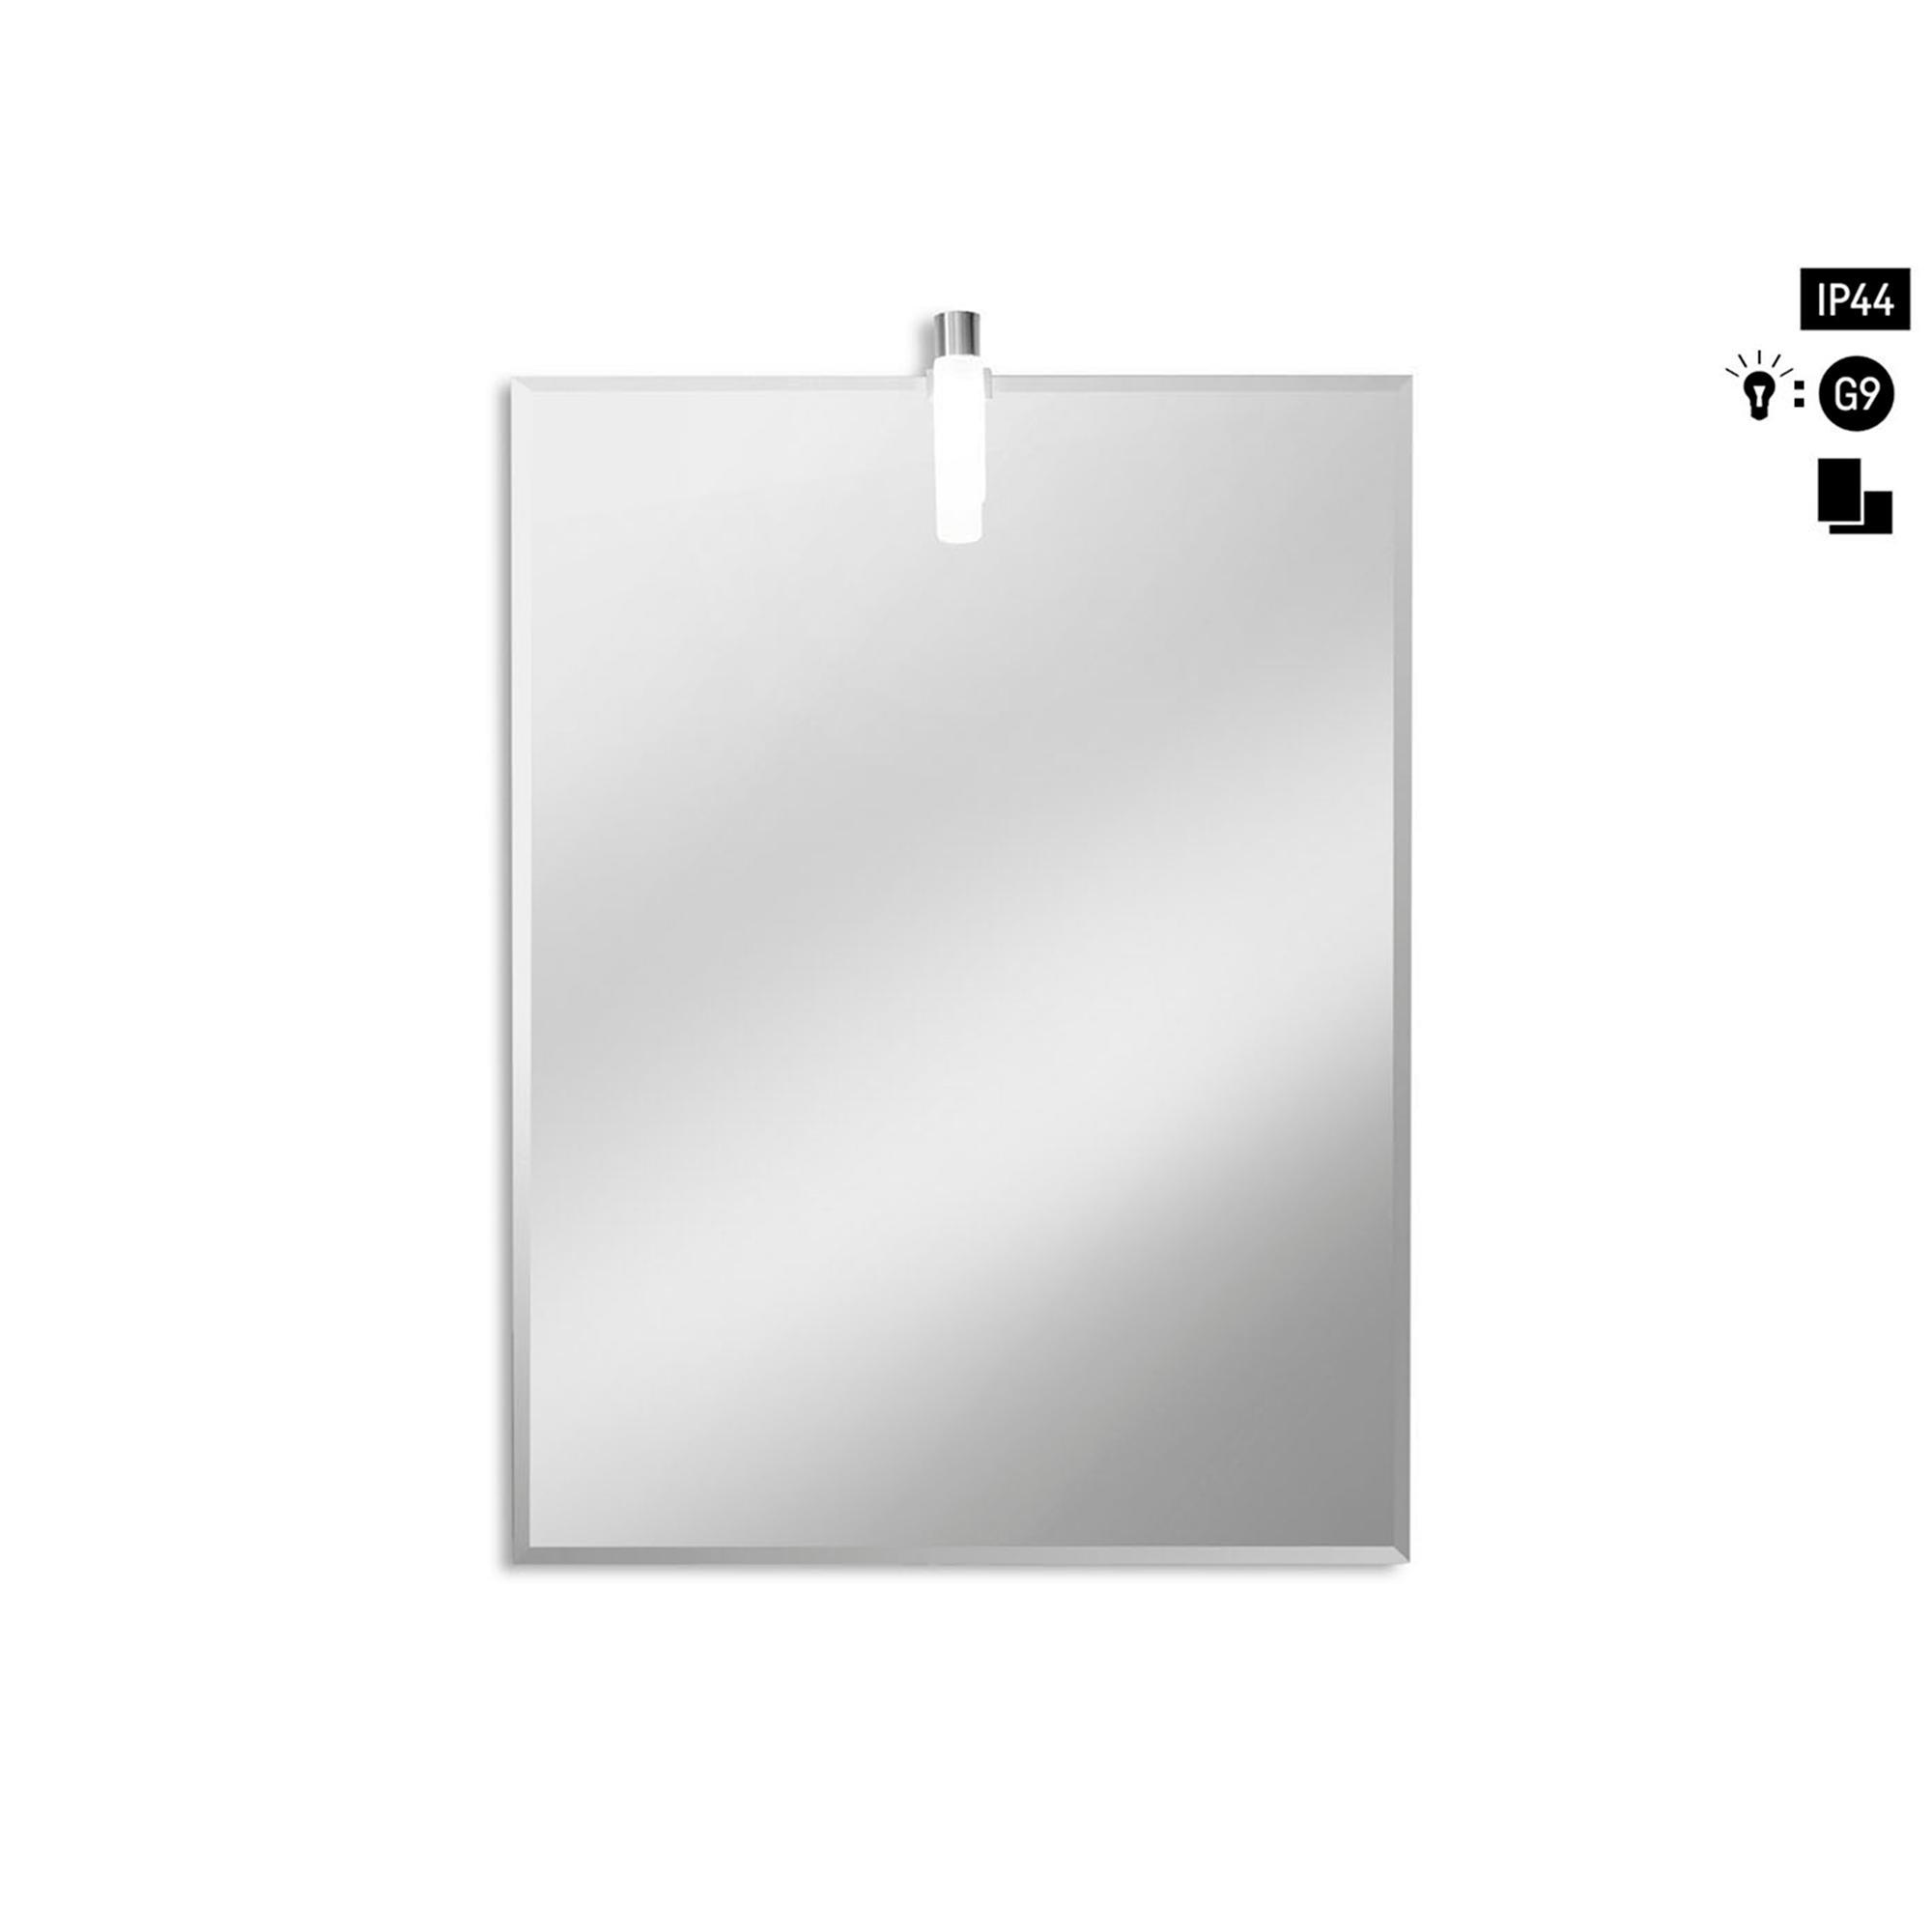 Specchio rettangolare bisellato con luce 60x80x5 cm - Specchio verticale ...